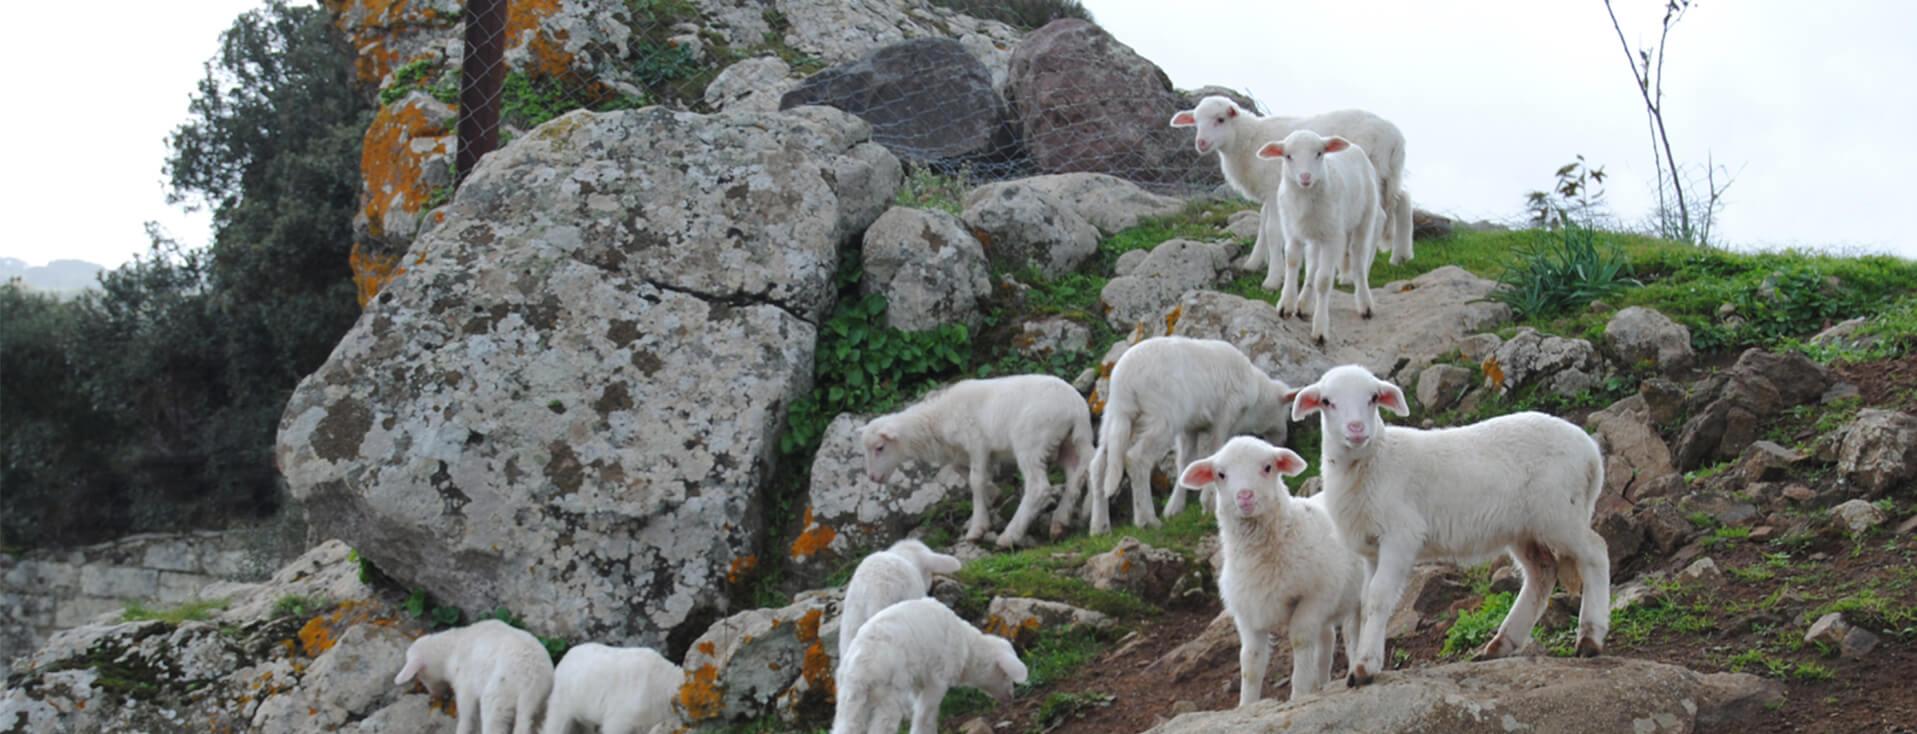 Agriturismo Ruspina in Nulvi